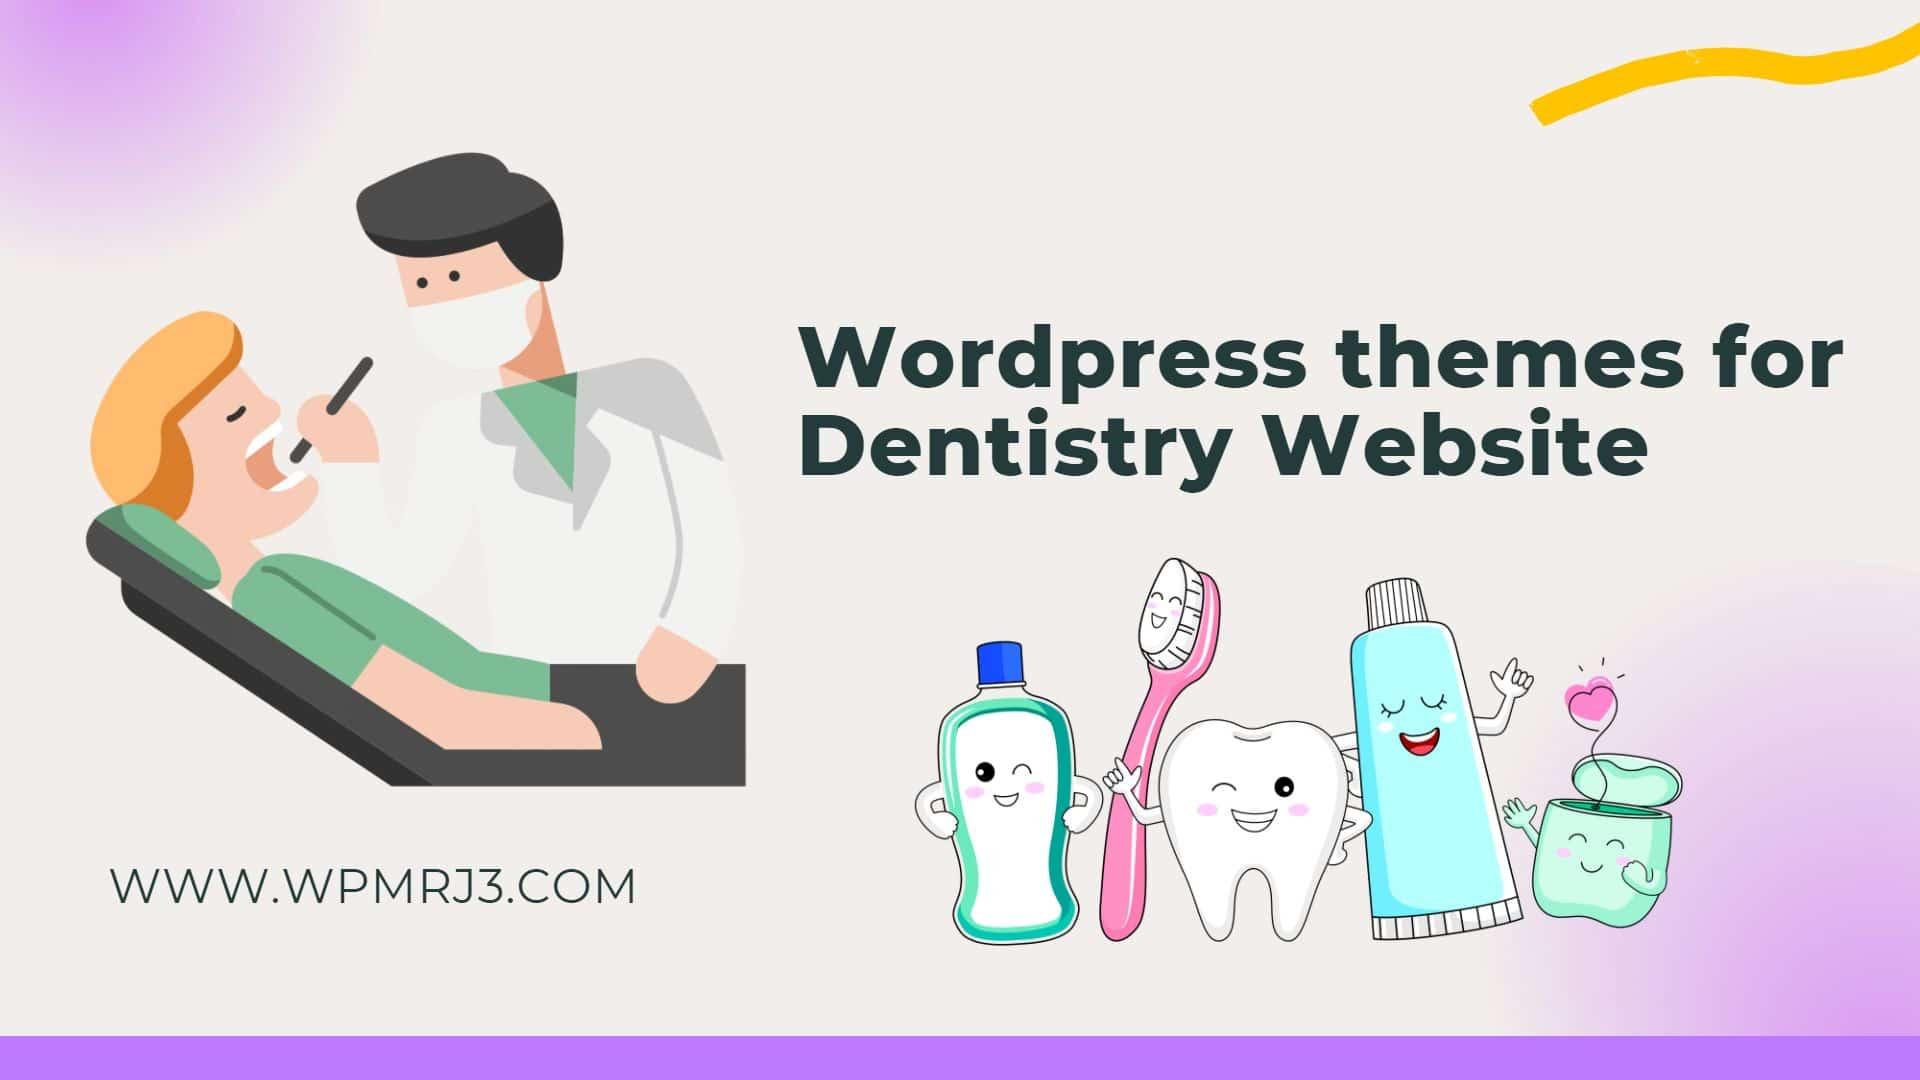 افضل ثيمات ووردبريس لموقع طب أسنان